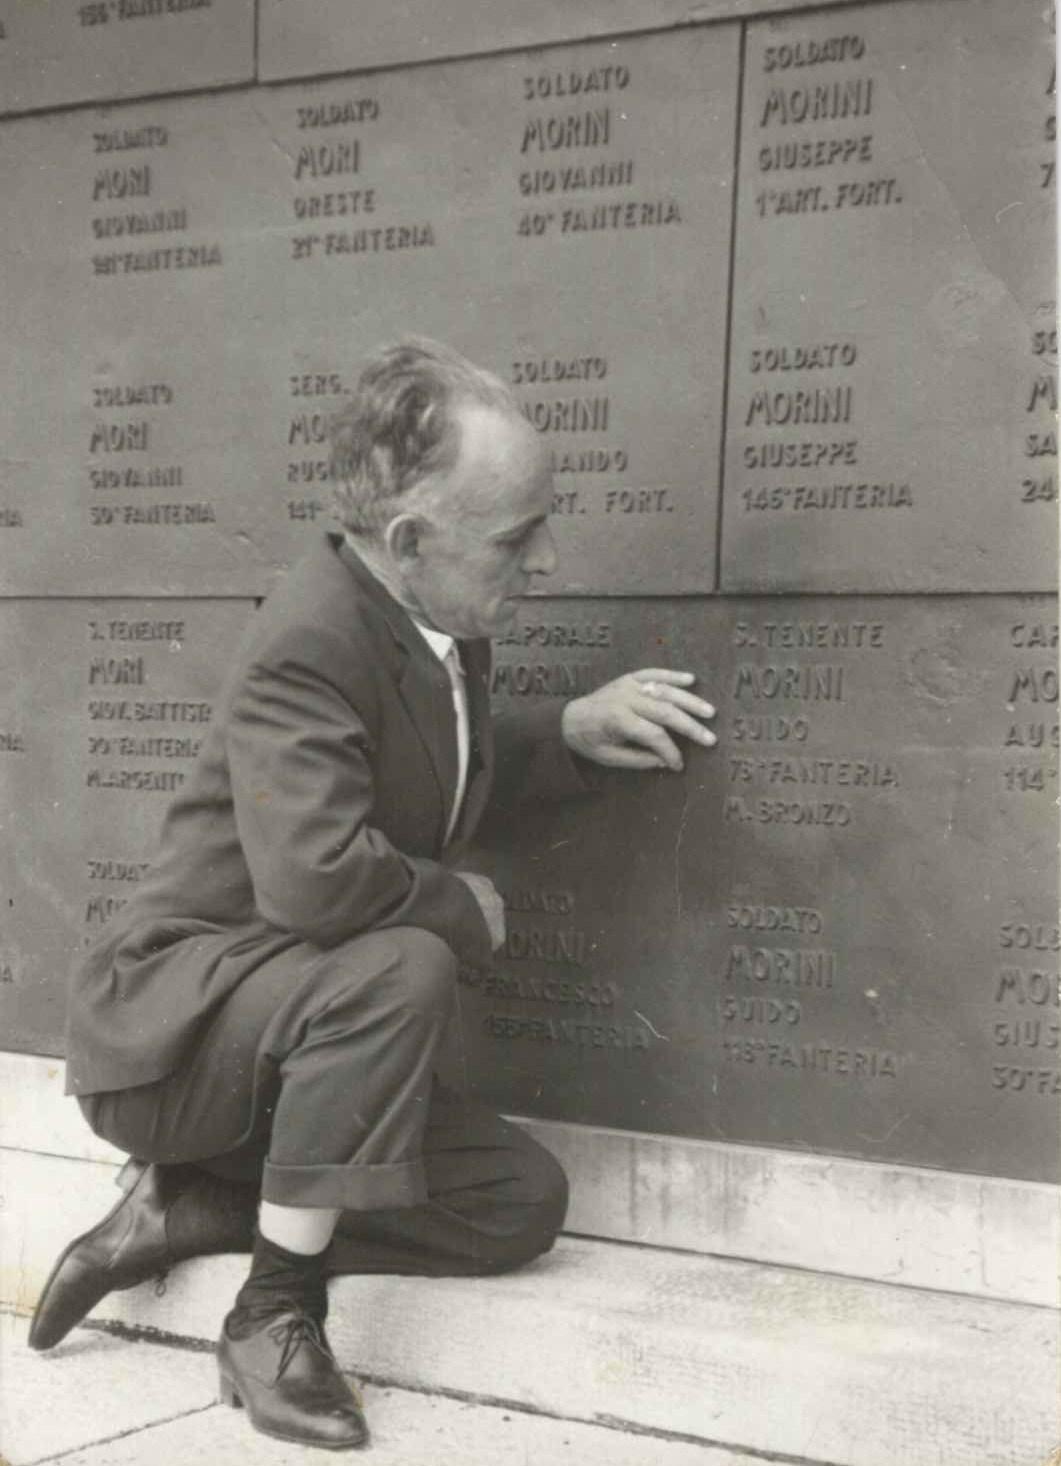 Il padre di Anna Gloria Doretta Ferrari sulla tomba dello zio Ten. Guido Morini (MBVM) a Redipuglia - gentile concessione Anna Gloria Doretta Ferrari